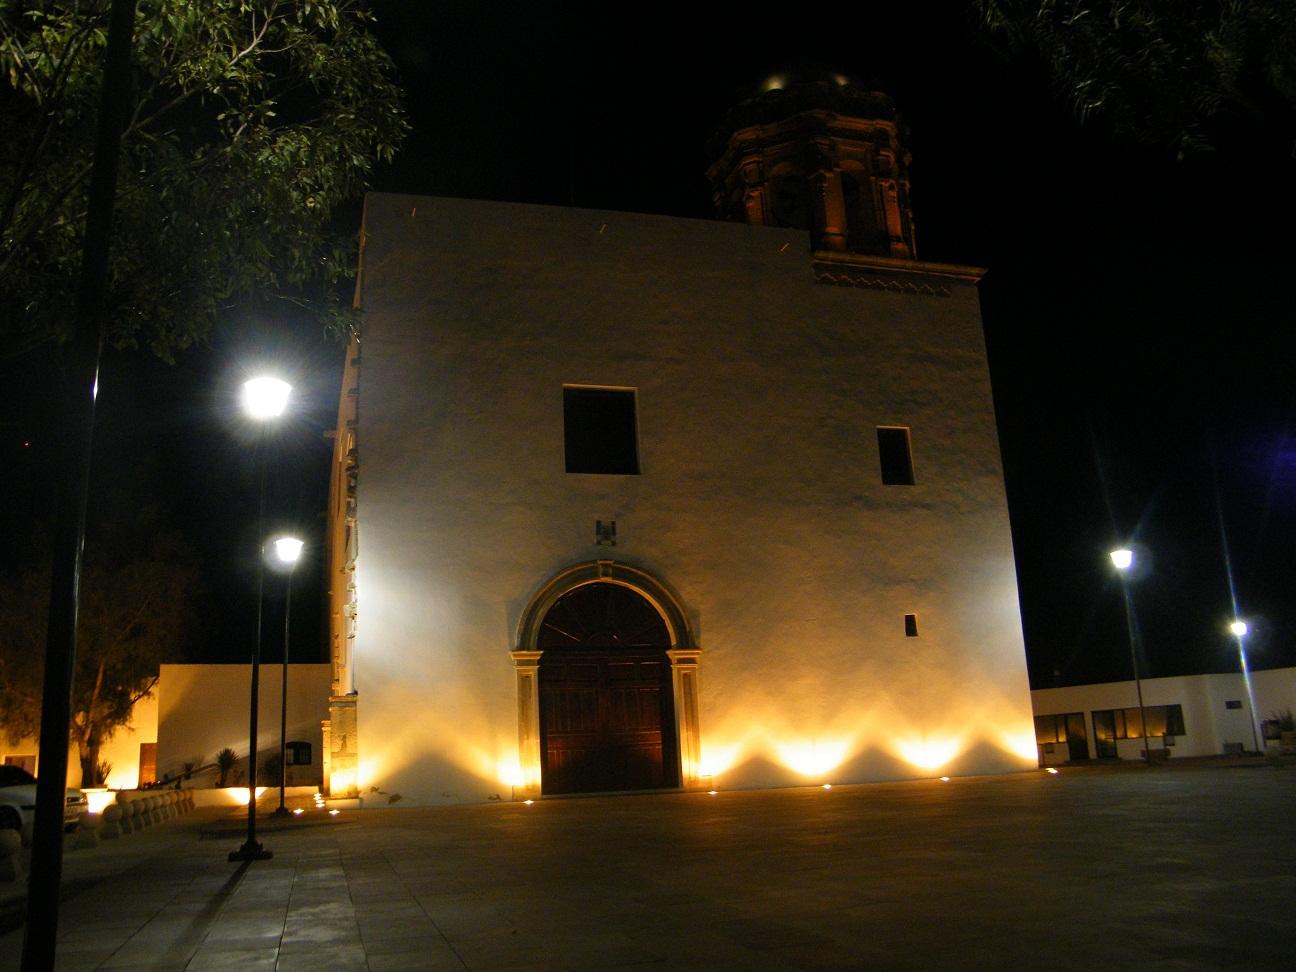 Templo de SU Señora de los Remedios